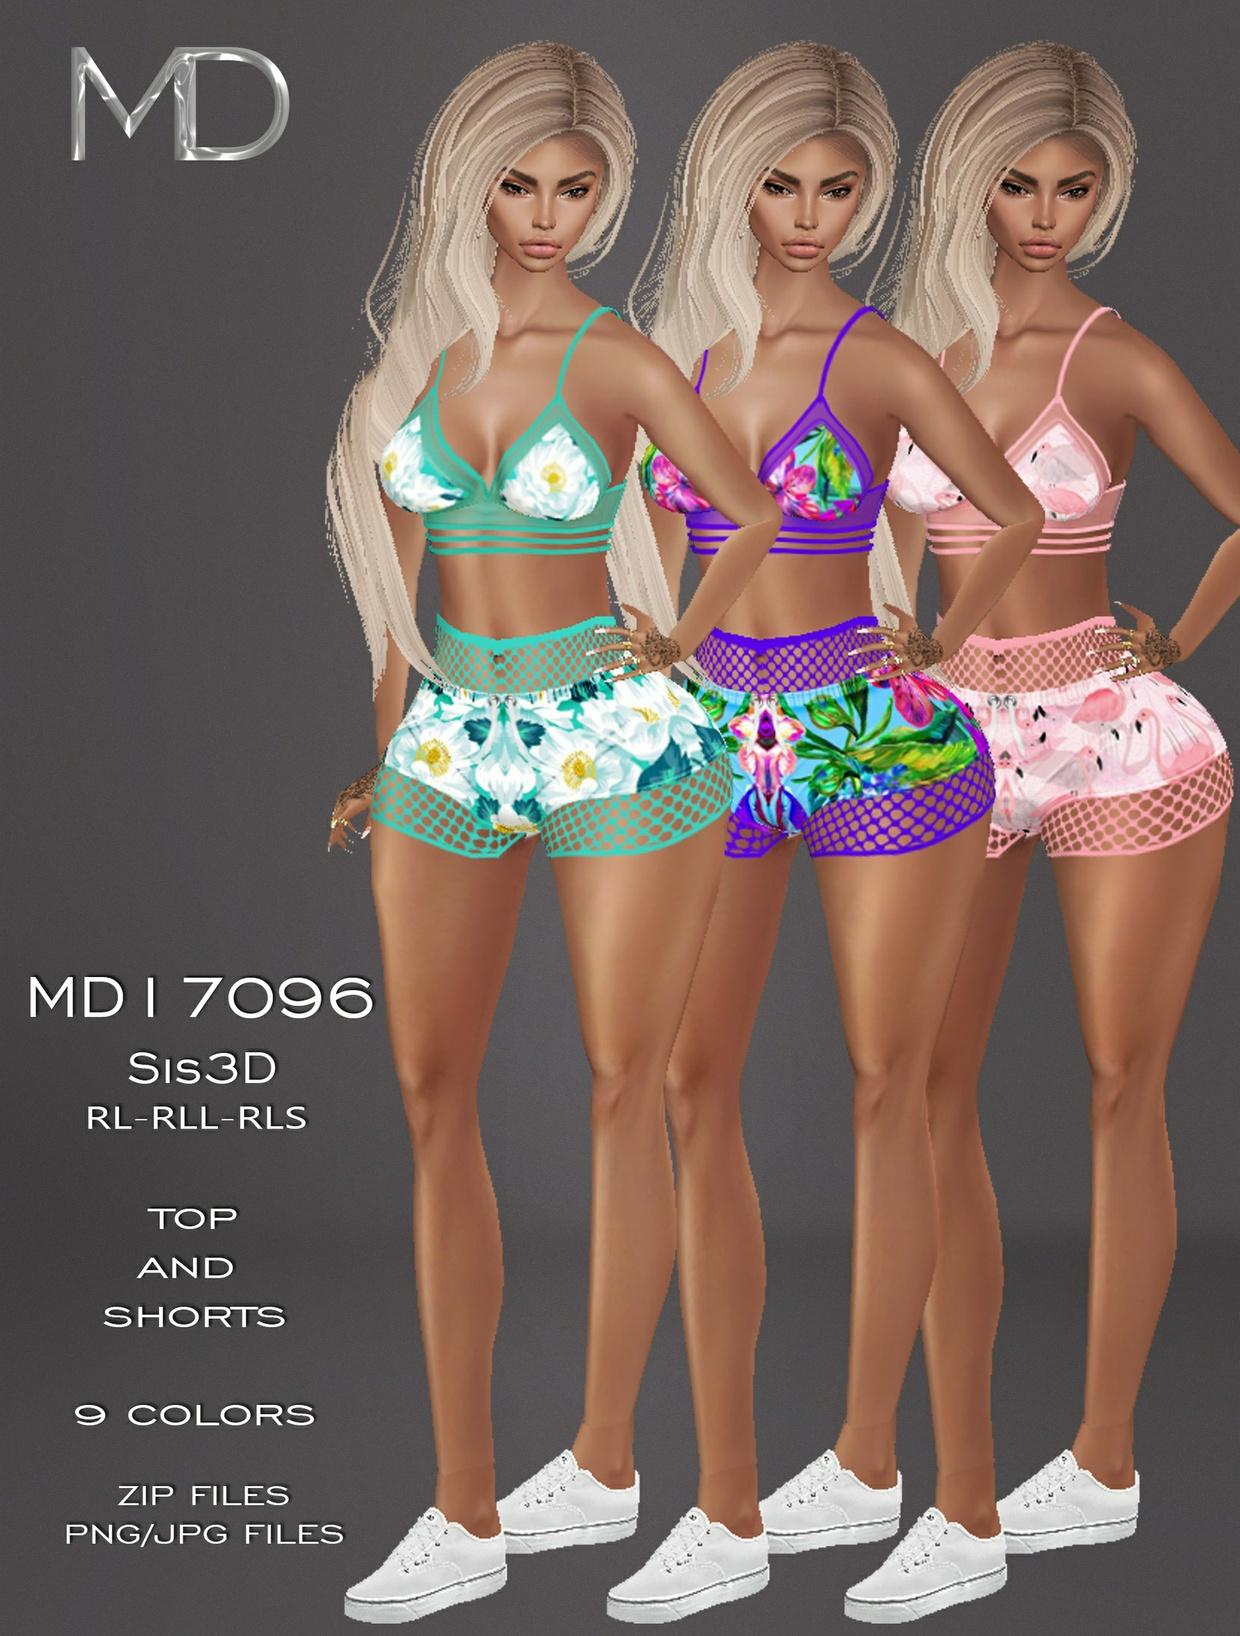 MD17096 - Sis3D